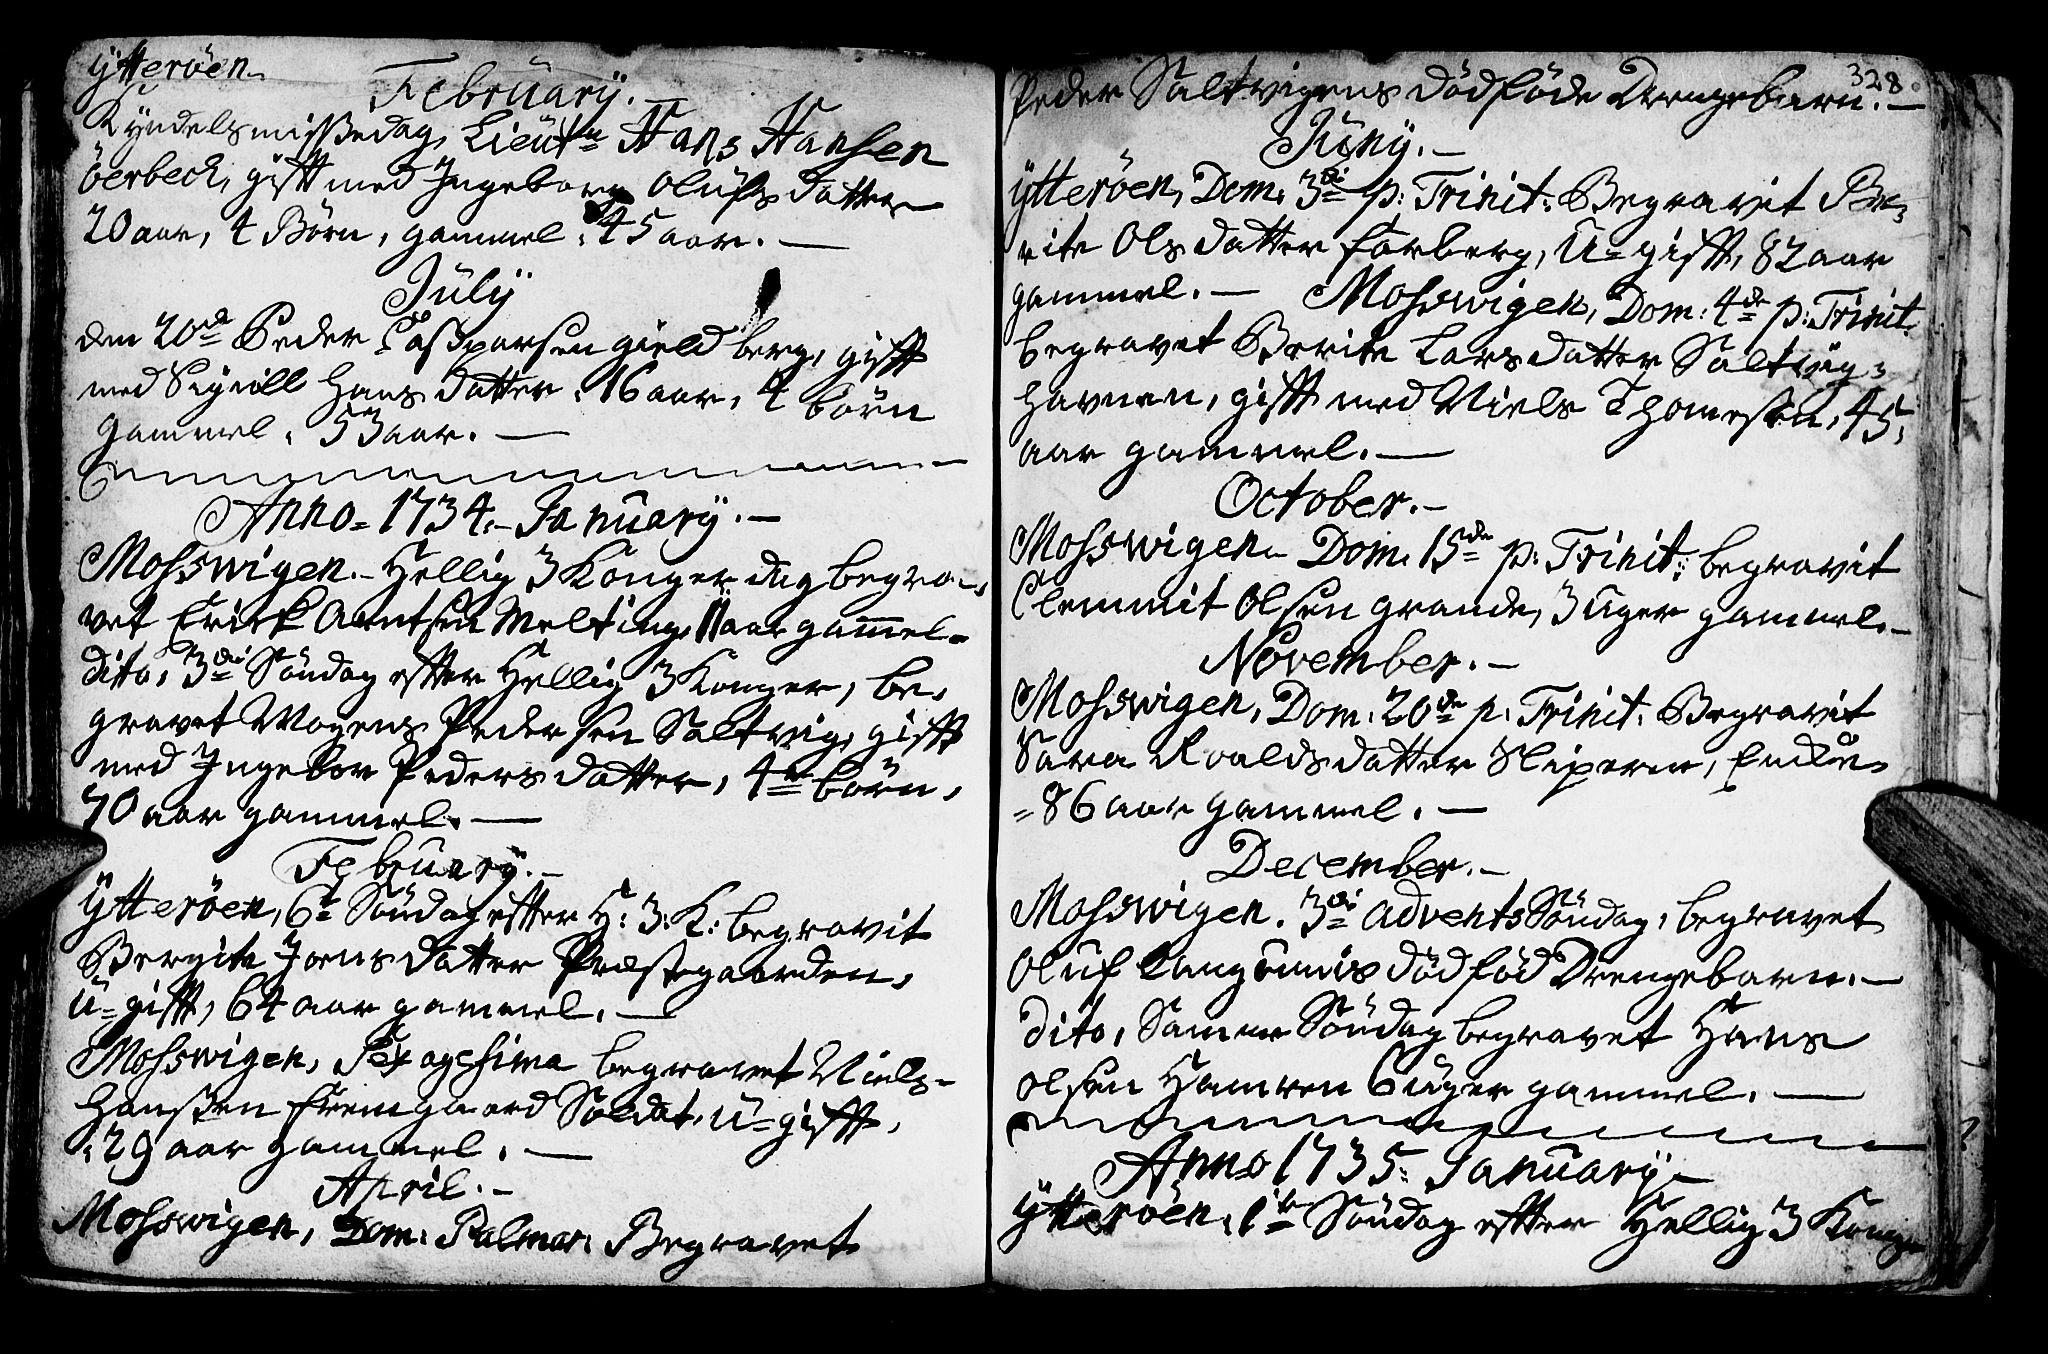 SAT, Ministerialprotokoller, klokkerbøker og fødselsregistre - Nord-Trøndelag, 722/L0215: Ministerialbok nr. 722A02, 1718-1755, s. 328